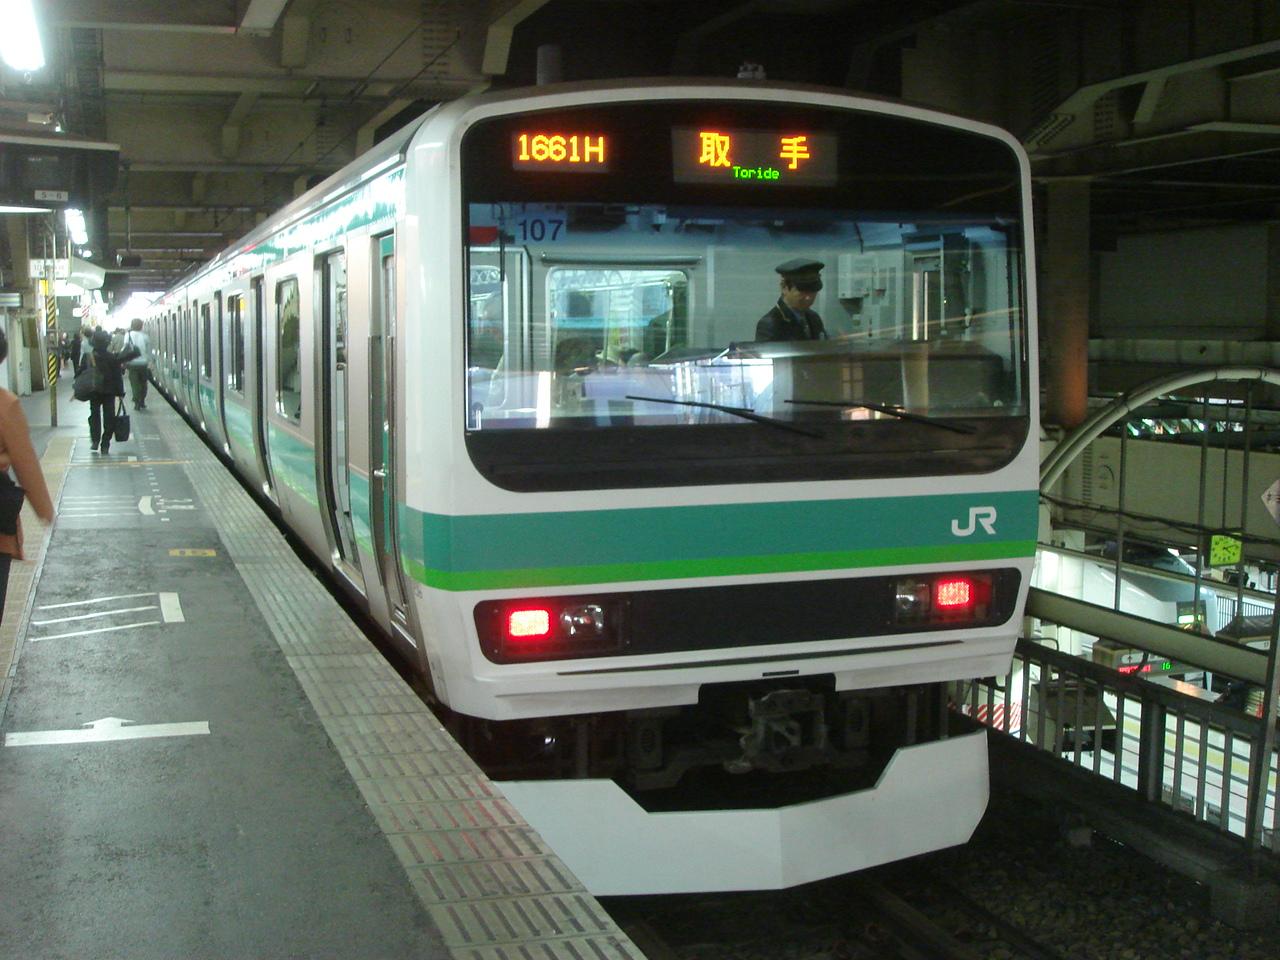 Dsc00589